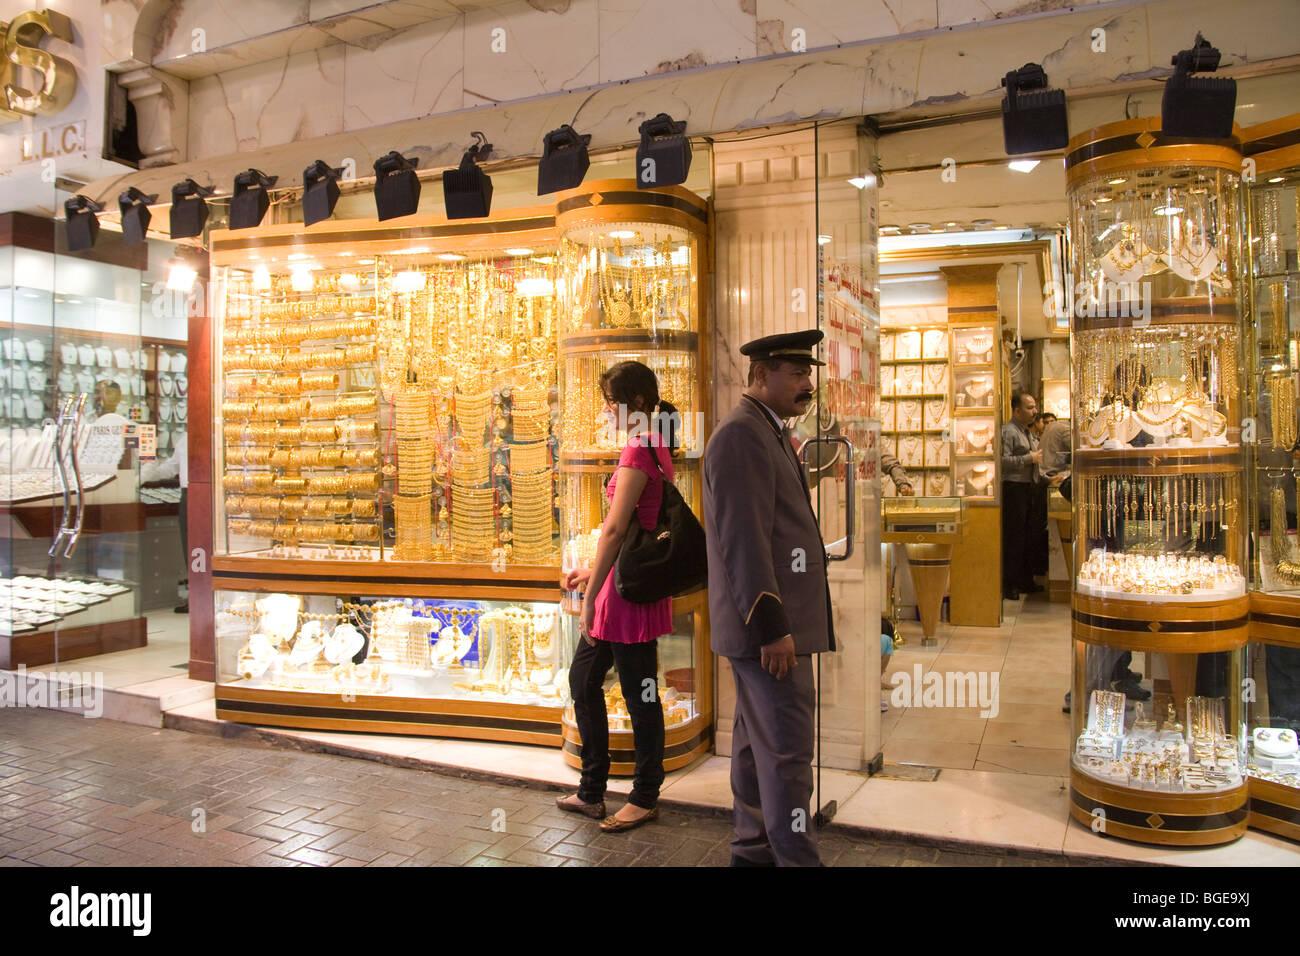 Dubai Emirats Arabes Unis l un des boutiques avec une large gamme de bijoux  pour 7e96d2bf2482